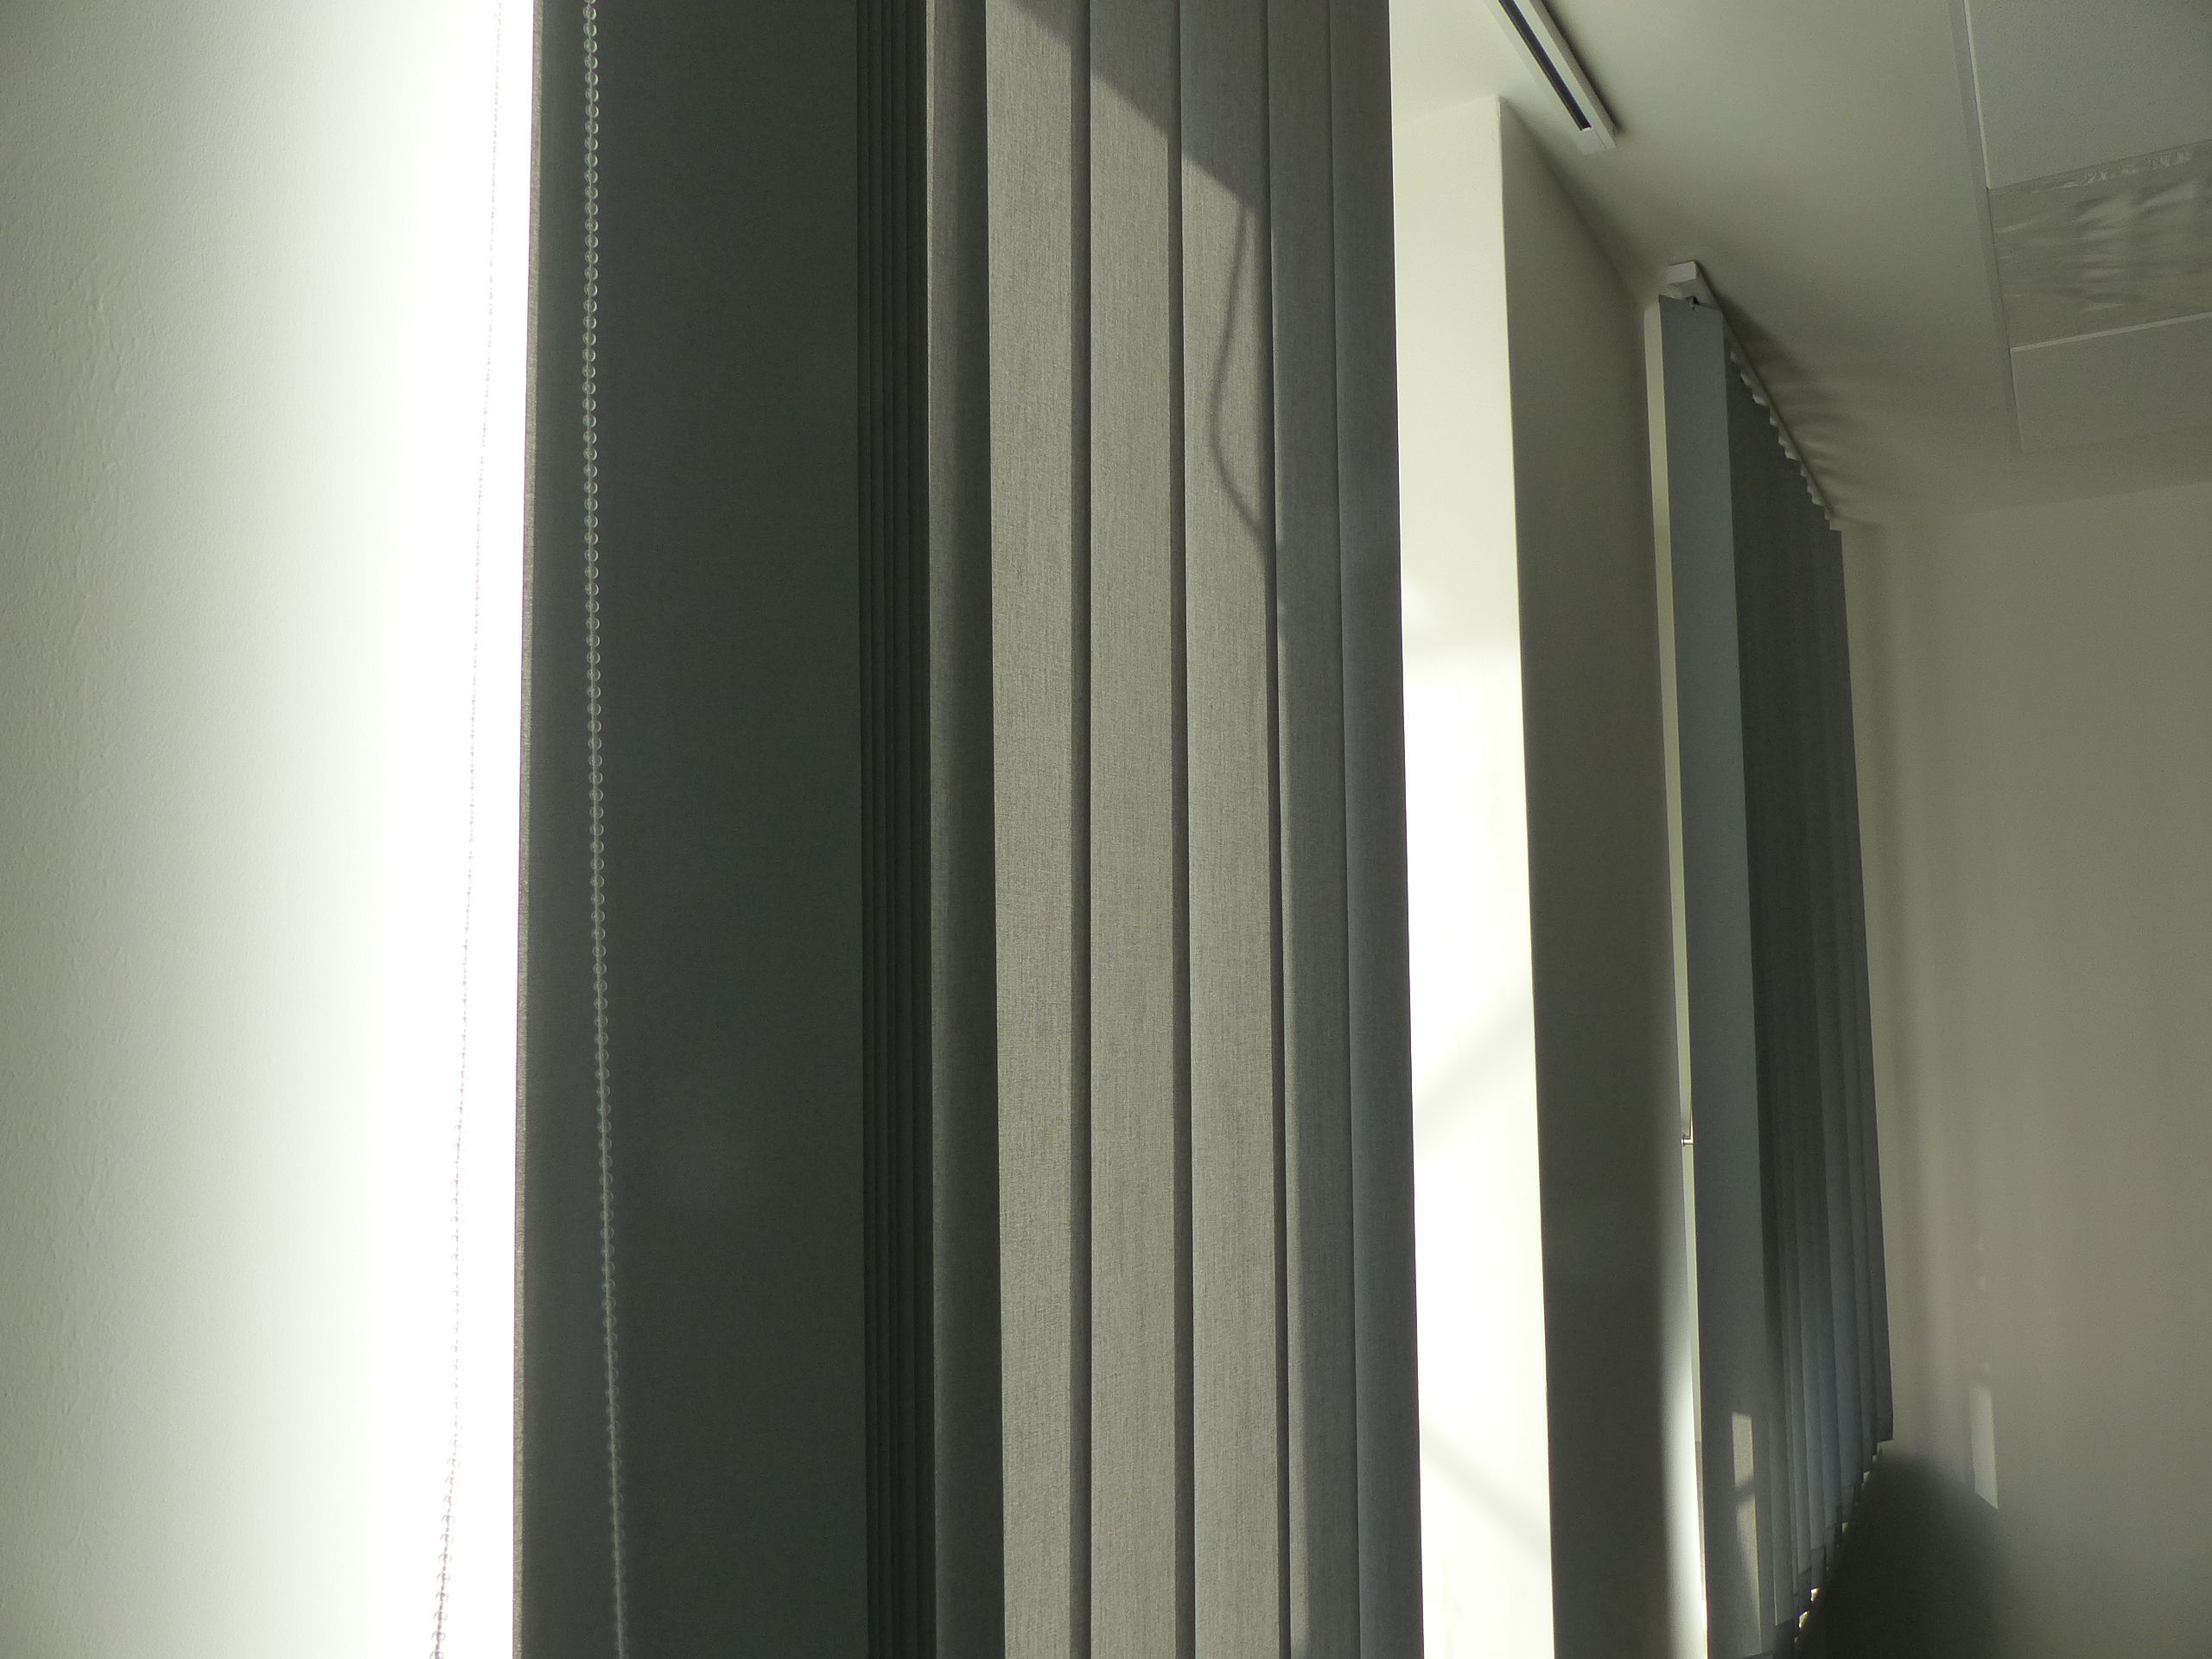 Vertikaljalousien Eingeschweiten Sonnenschutz Gewichten